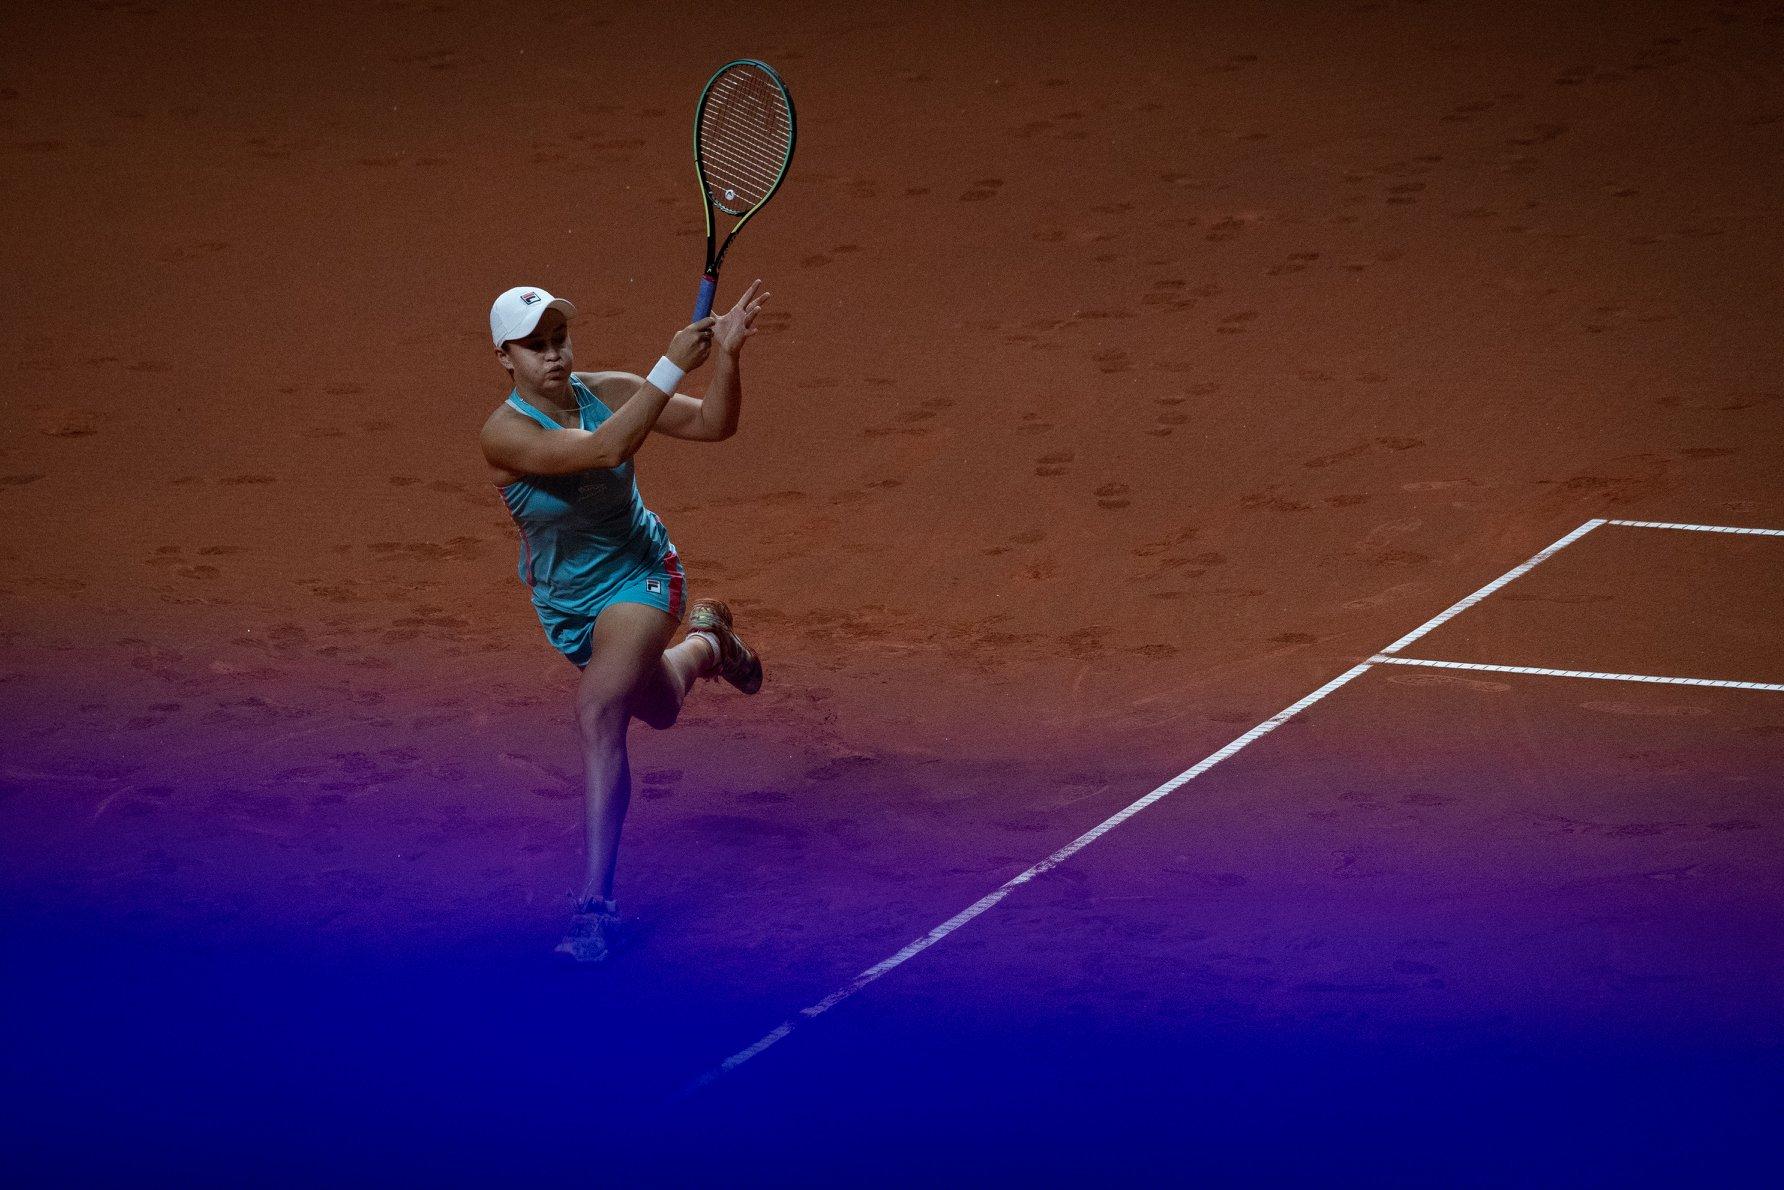 ešli barti australijska teniserka